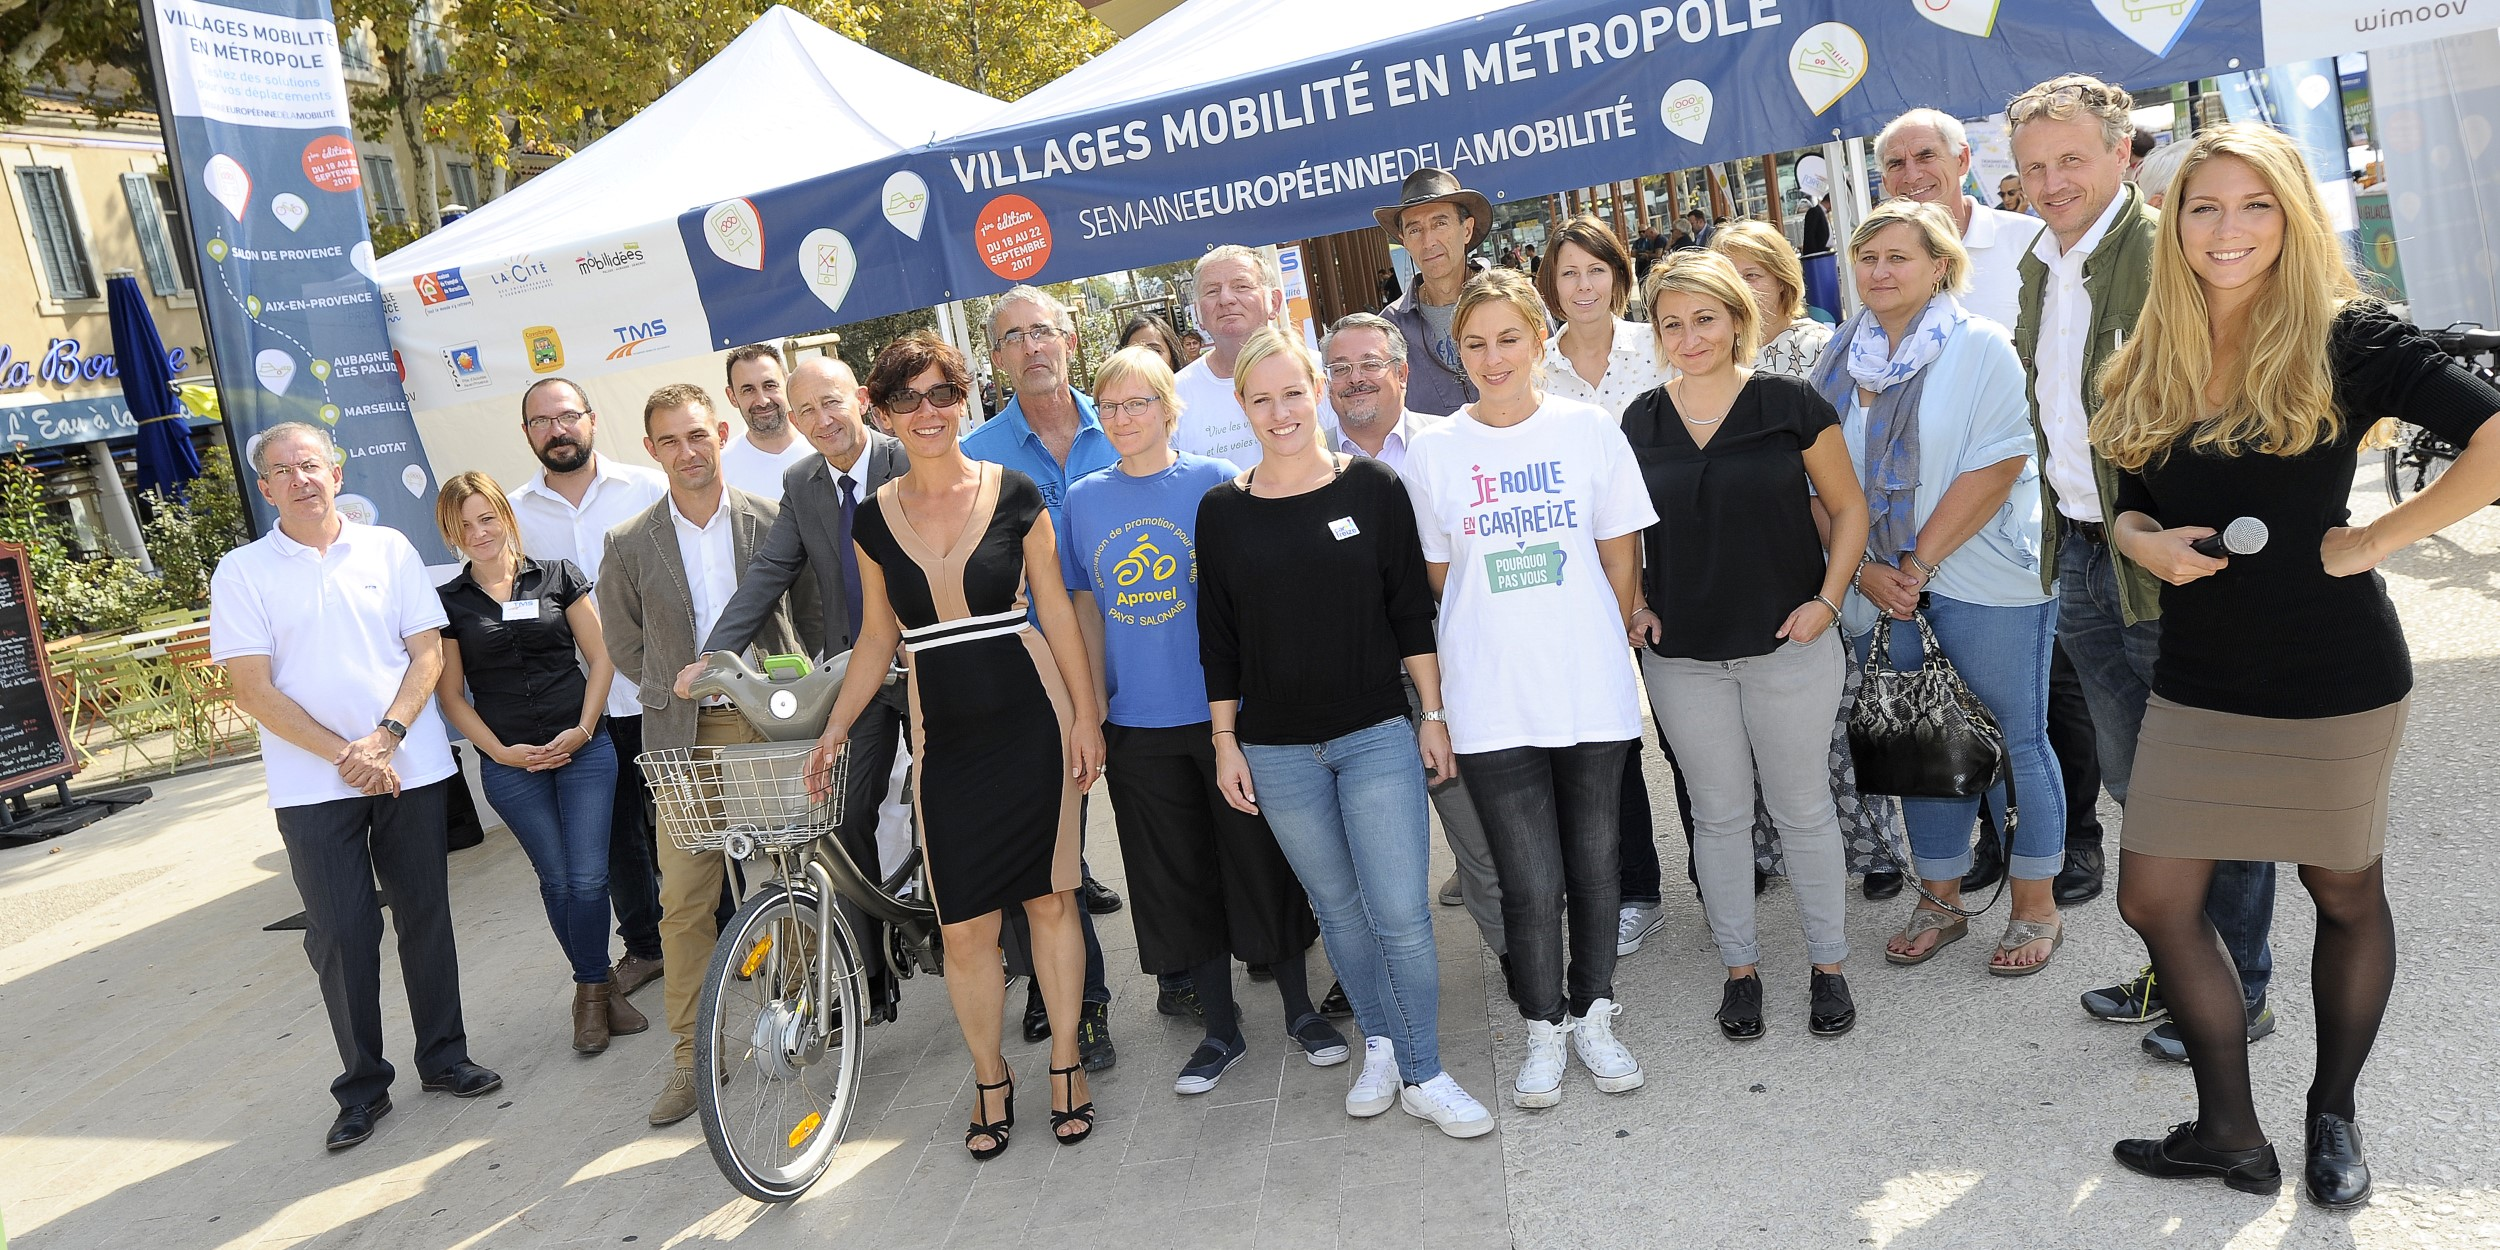 Salon de provence semaine de la mobilit en m tropole - Securite sociale salon de provence adresse ...